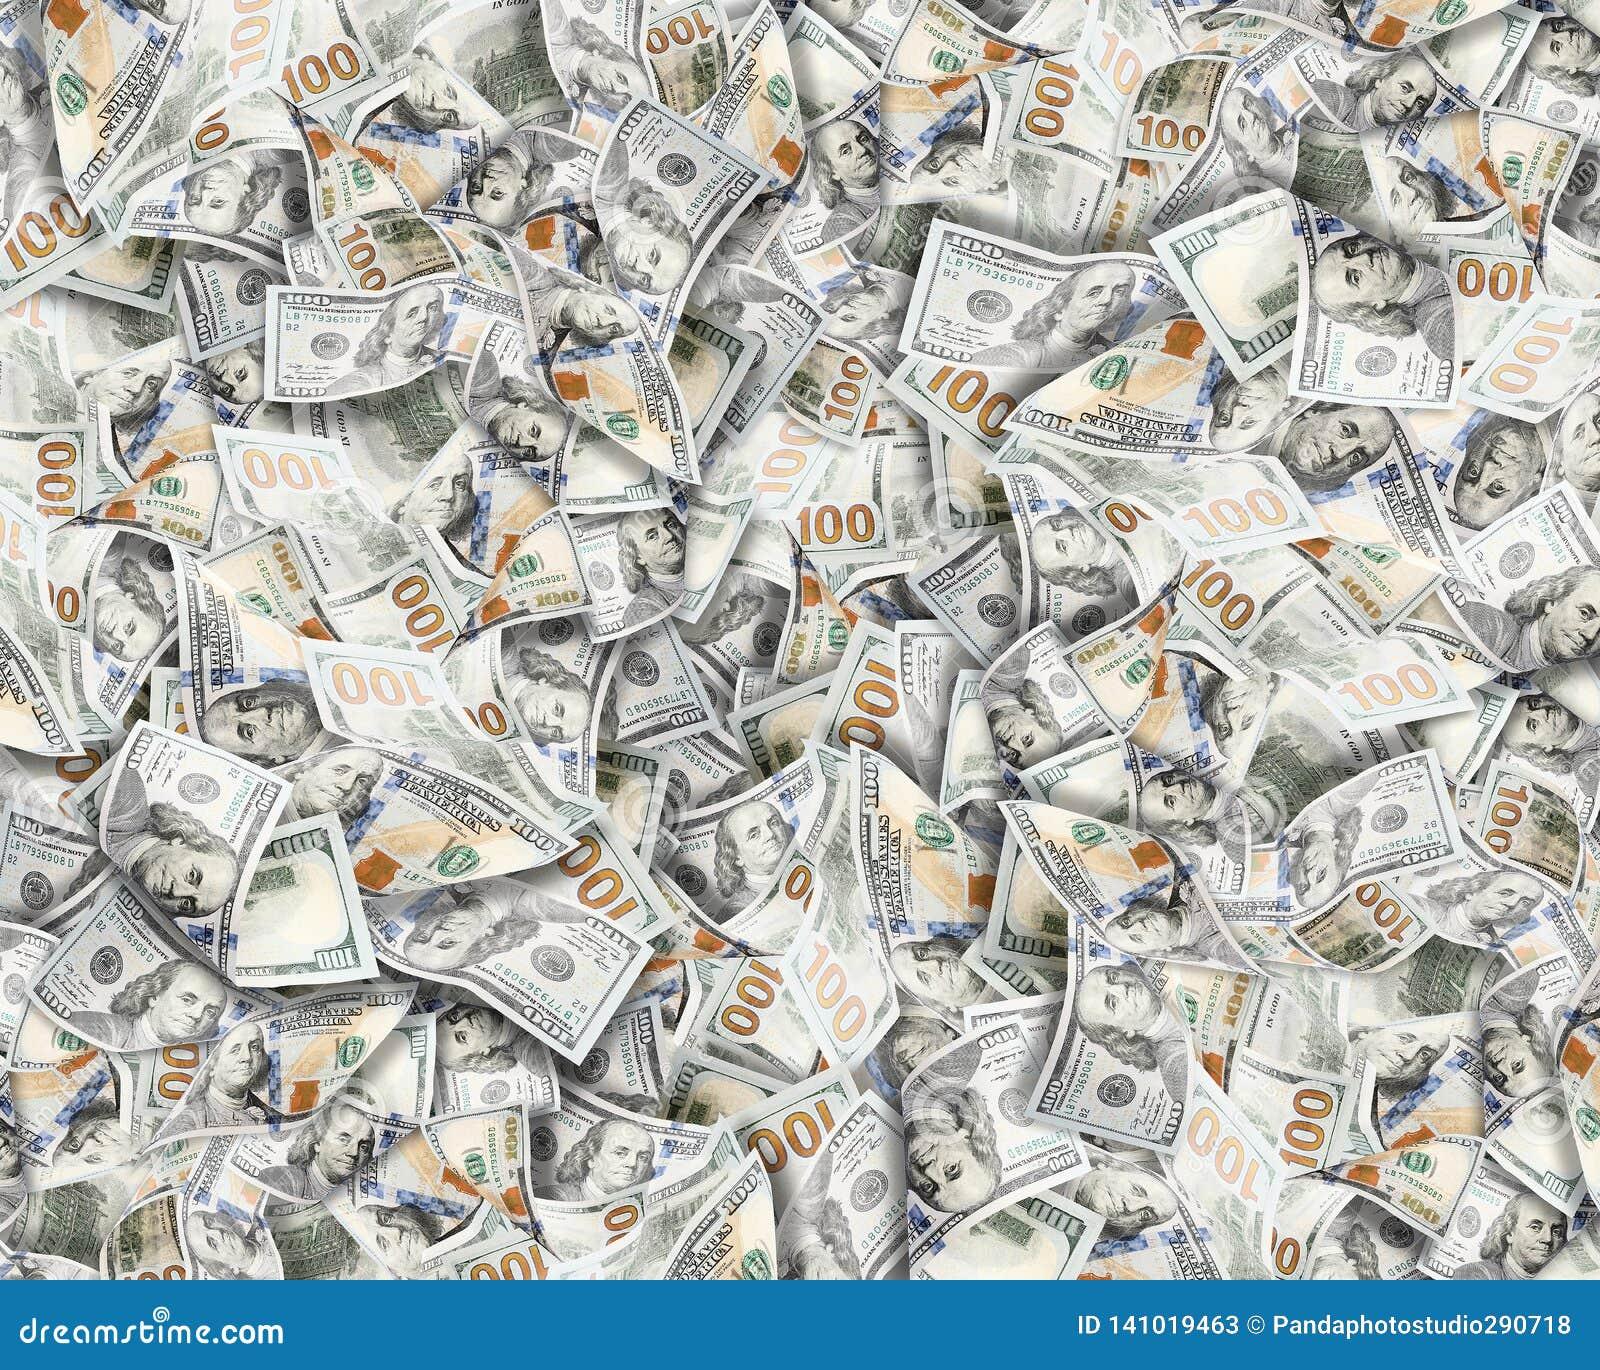 Viele Dollar In hohem Grade ausführliches Bild amerikanischen USA-Geldes